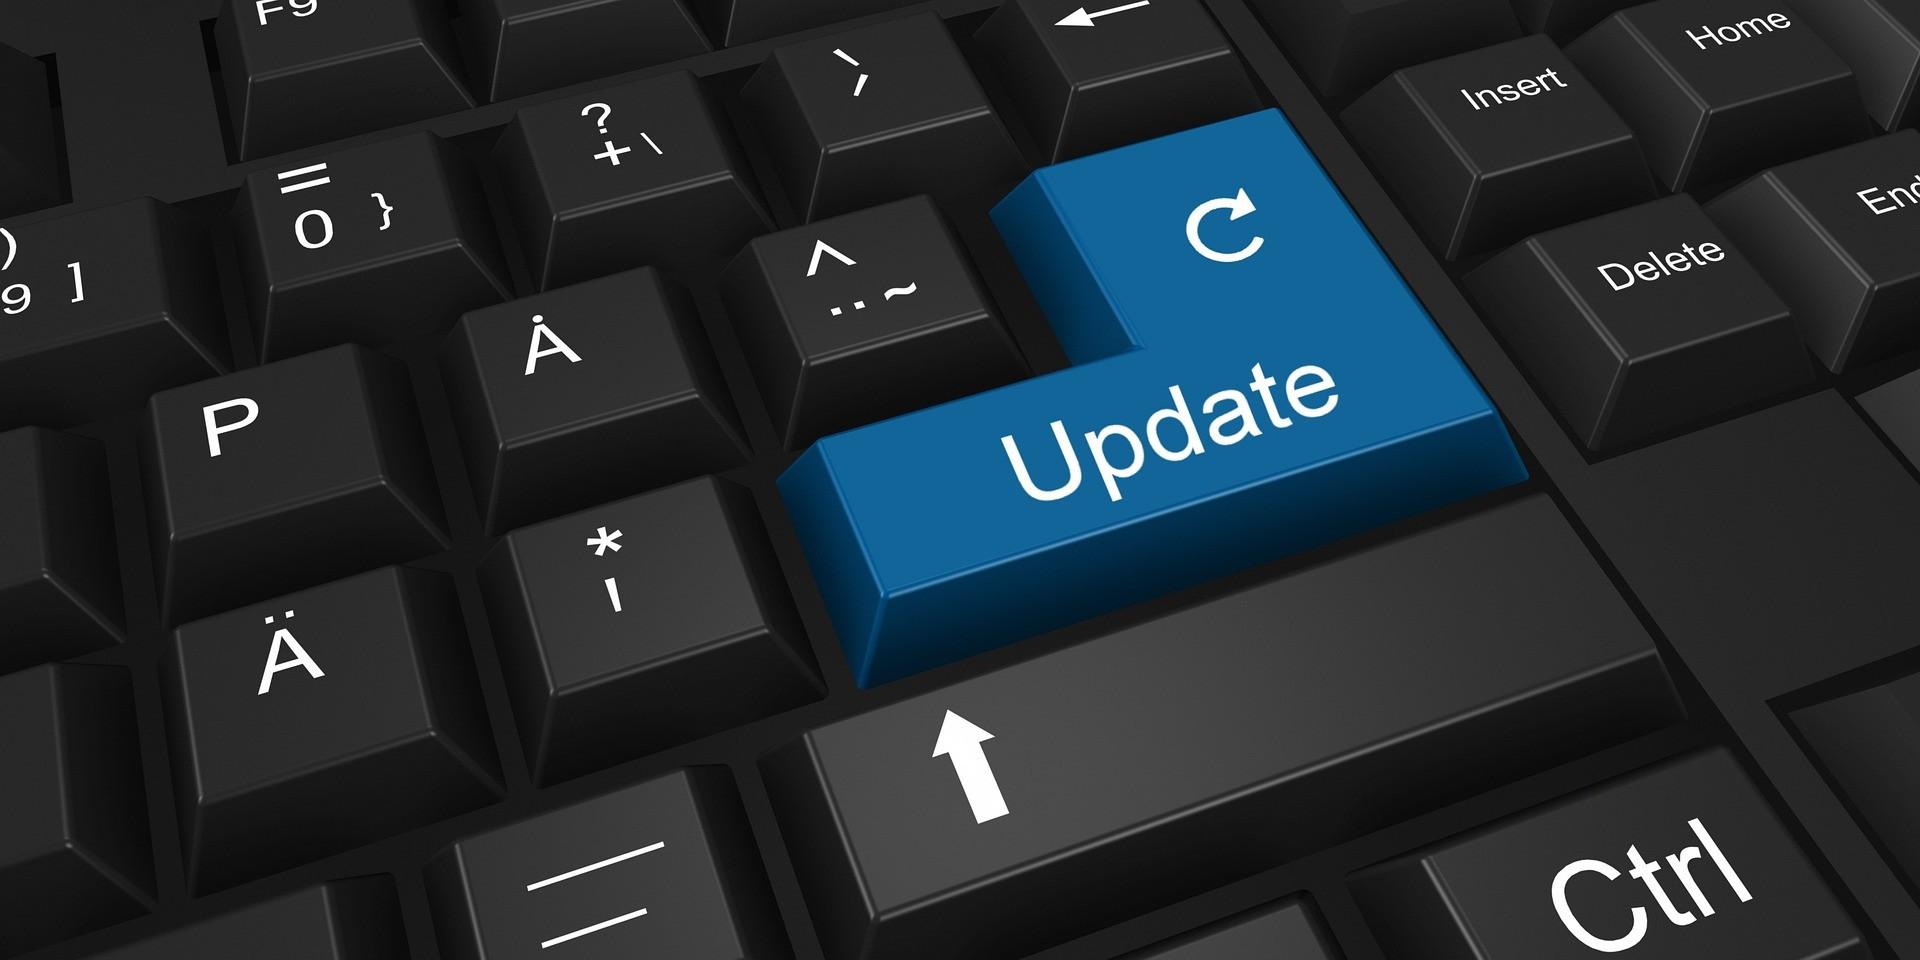 kartinka 1 2 - Недорогие сервисы, которые обновят ваш устаревший сайт